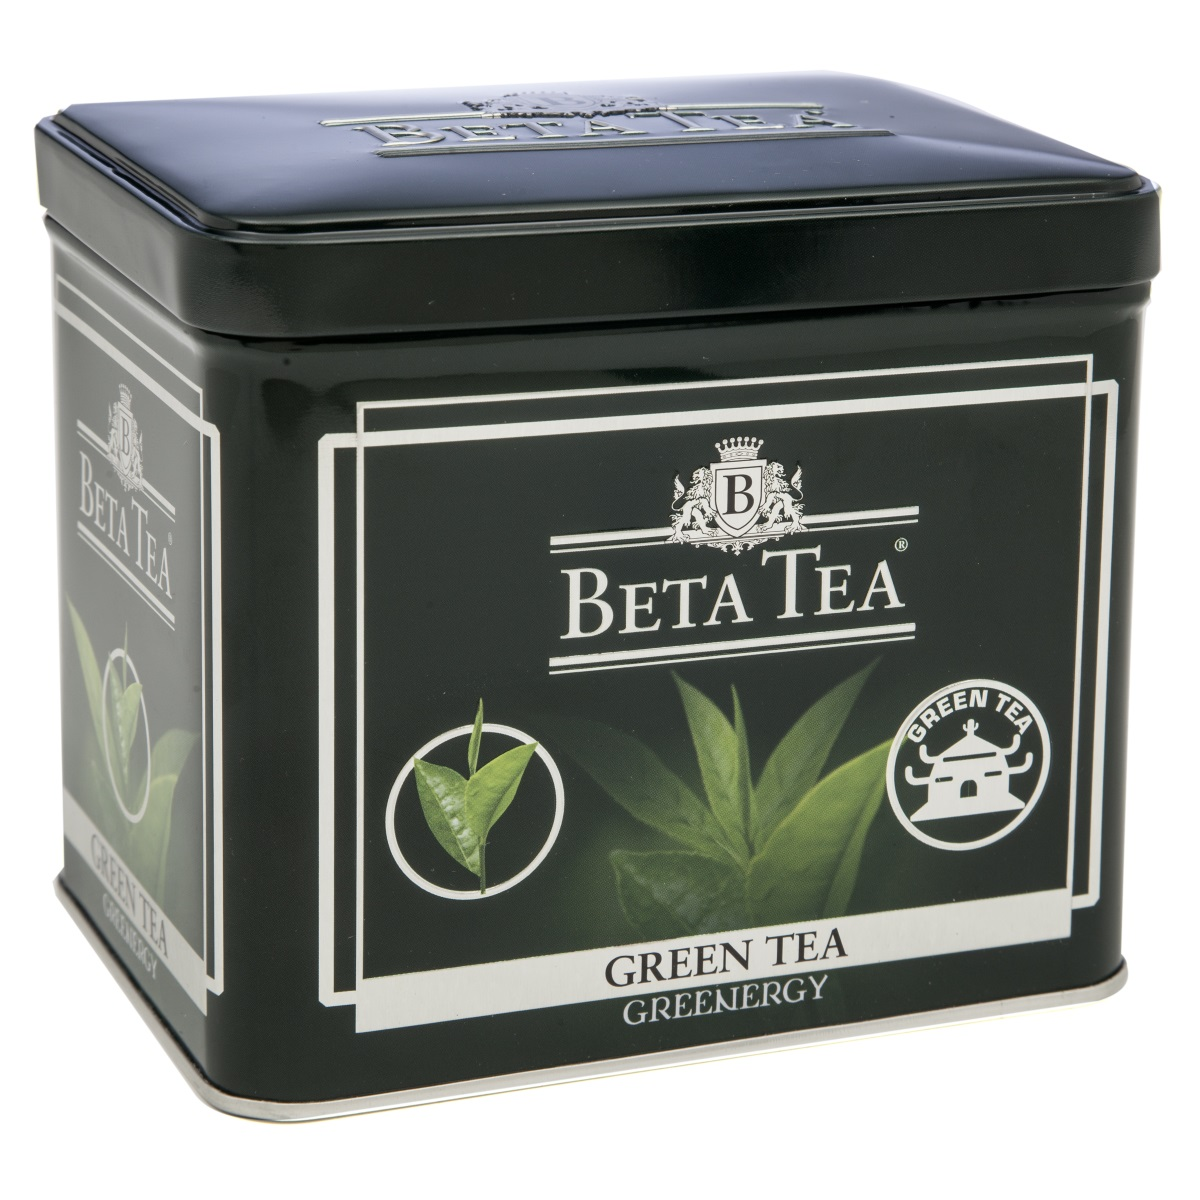 Beta Tea зеленый листовой чай, 100 г (жестяная банка)101246Благодаря своим целебным свойствам зеленый чай Beta Tea занимает особое место в ассортименте компании. Основная задача при производстве этого сортасостоит в том, чтобы сохранить лечебные природные биологически активные вещества свежих листьев таким образом, чтобы они смогли высвободиться во время заваривания.